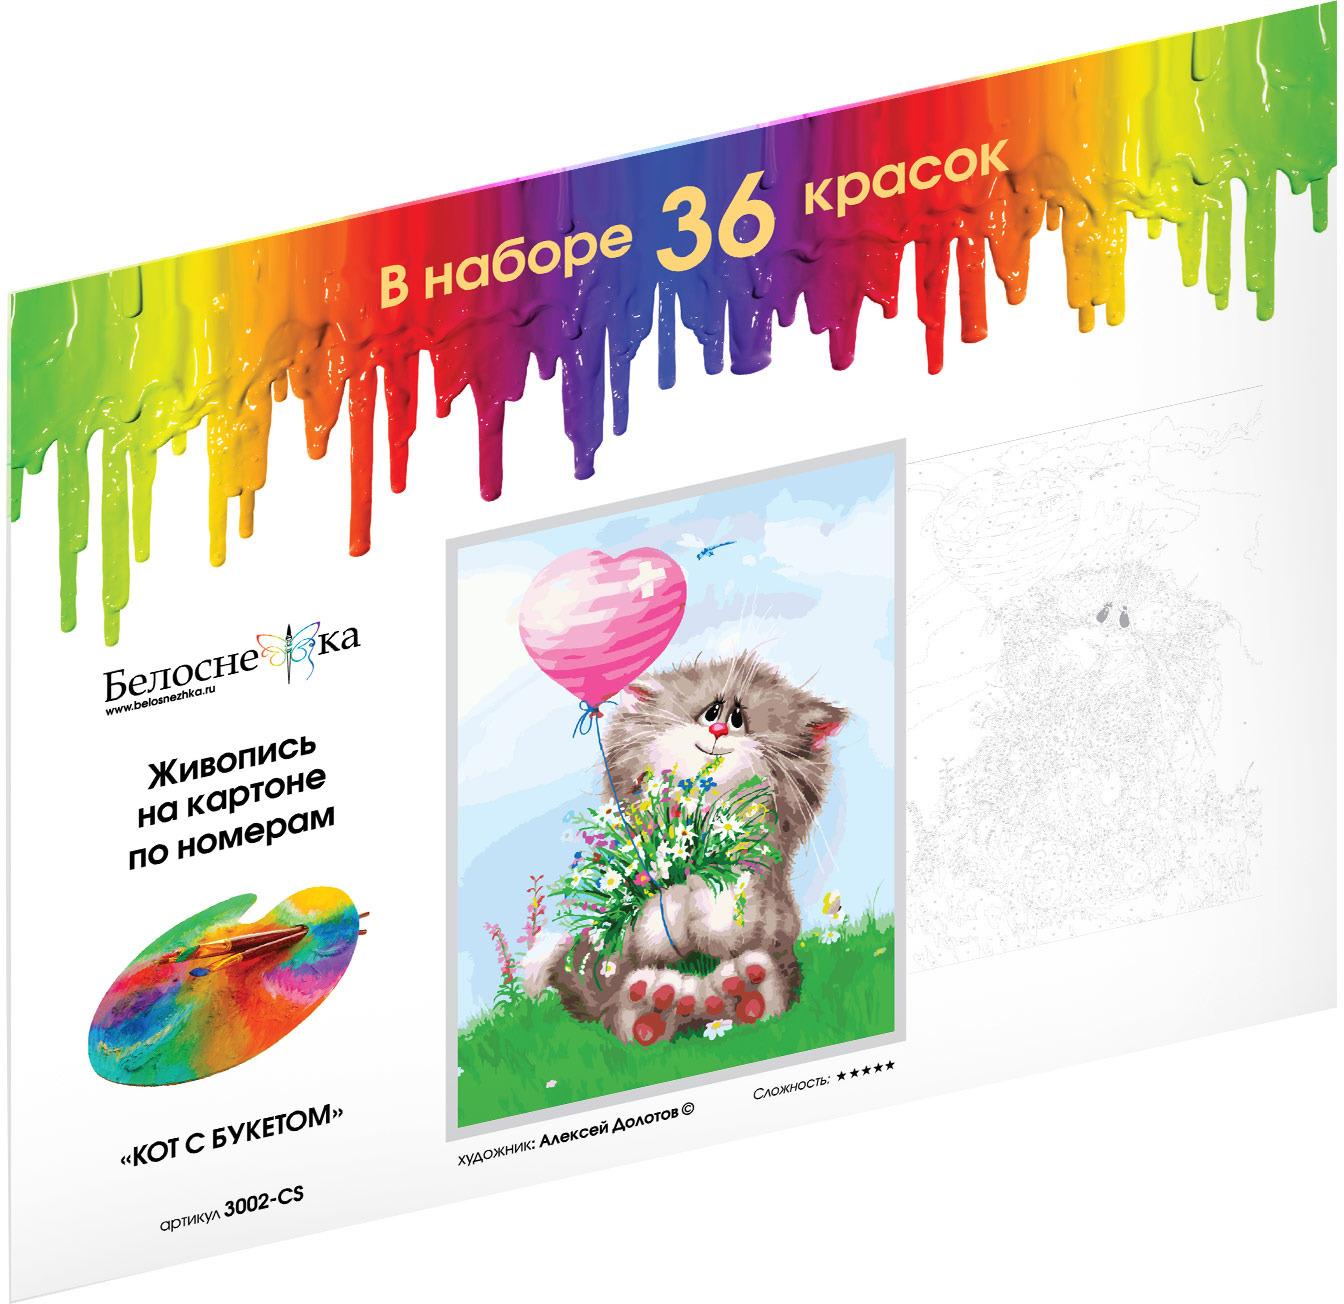 Живопись на картоне Белоснежка Кот с букетом, 30 х 40 см набор для раскрашивания акриловыми красками спокойные воды